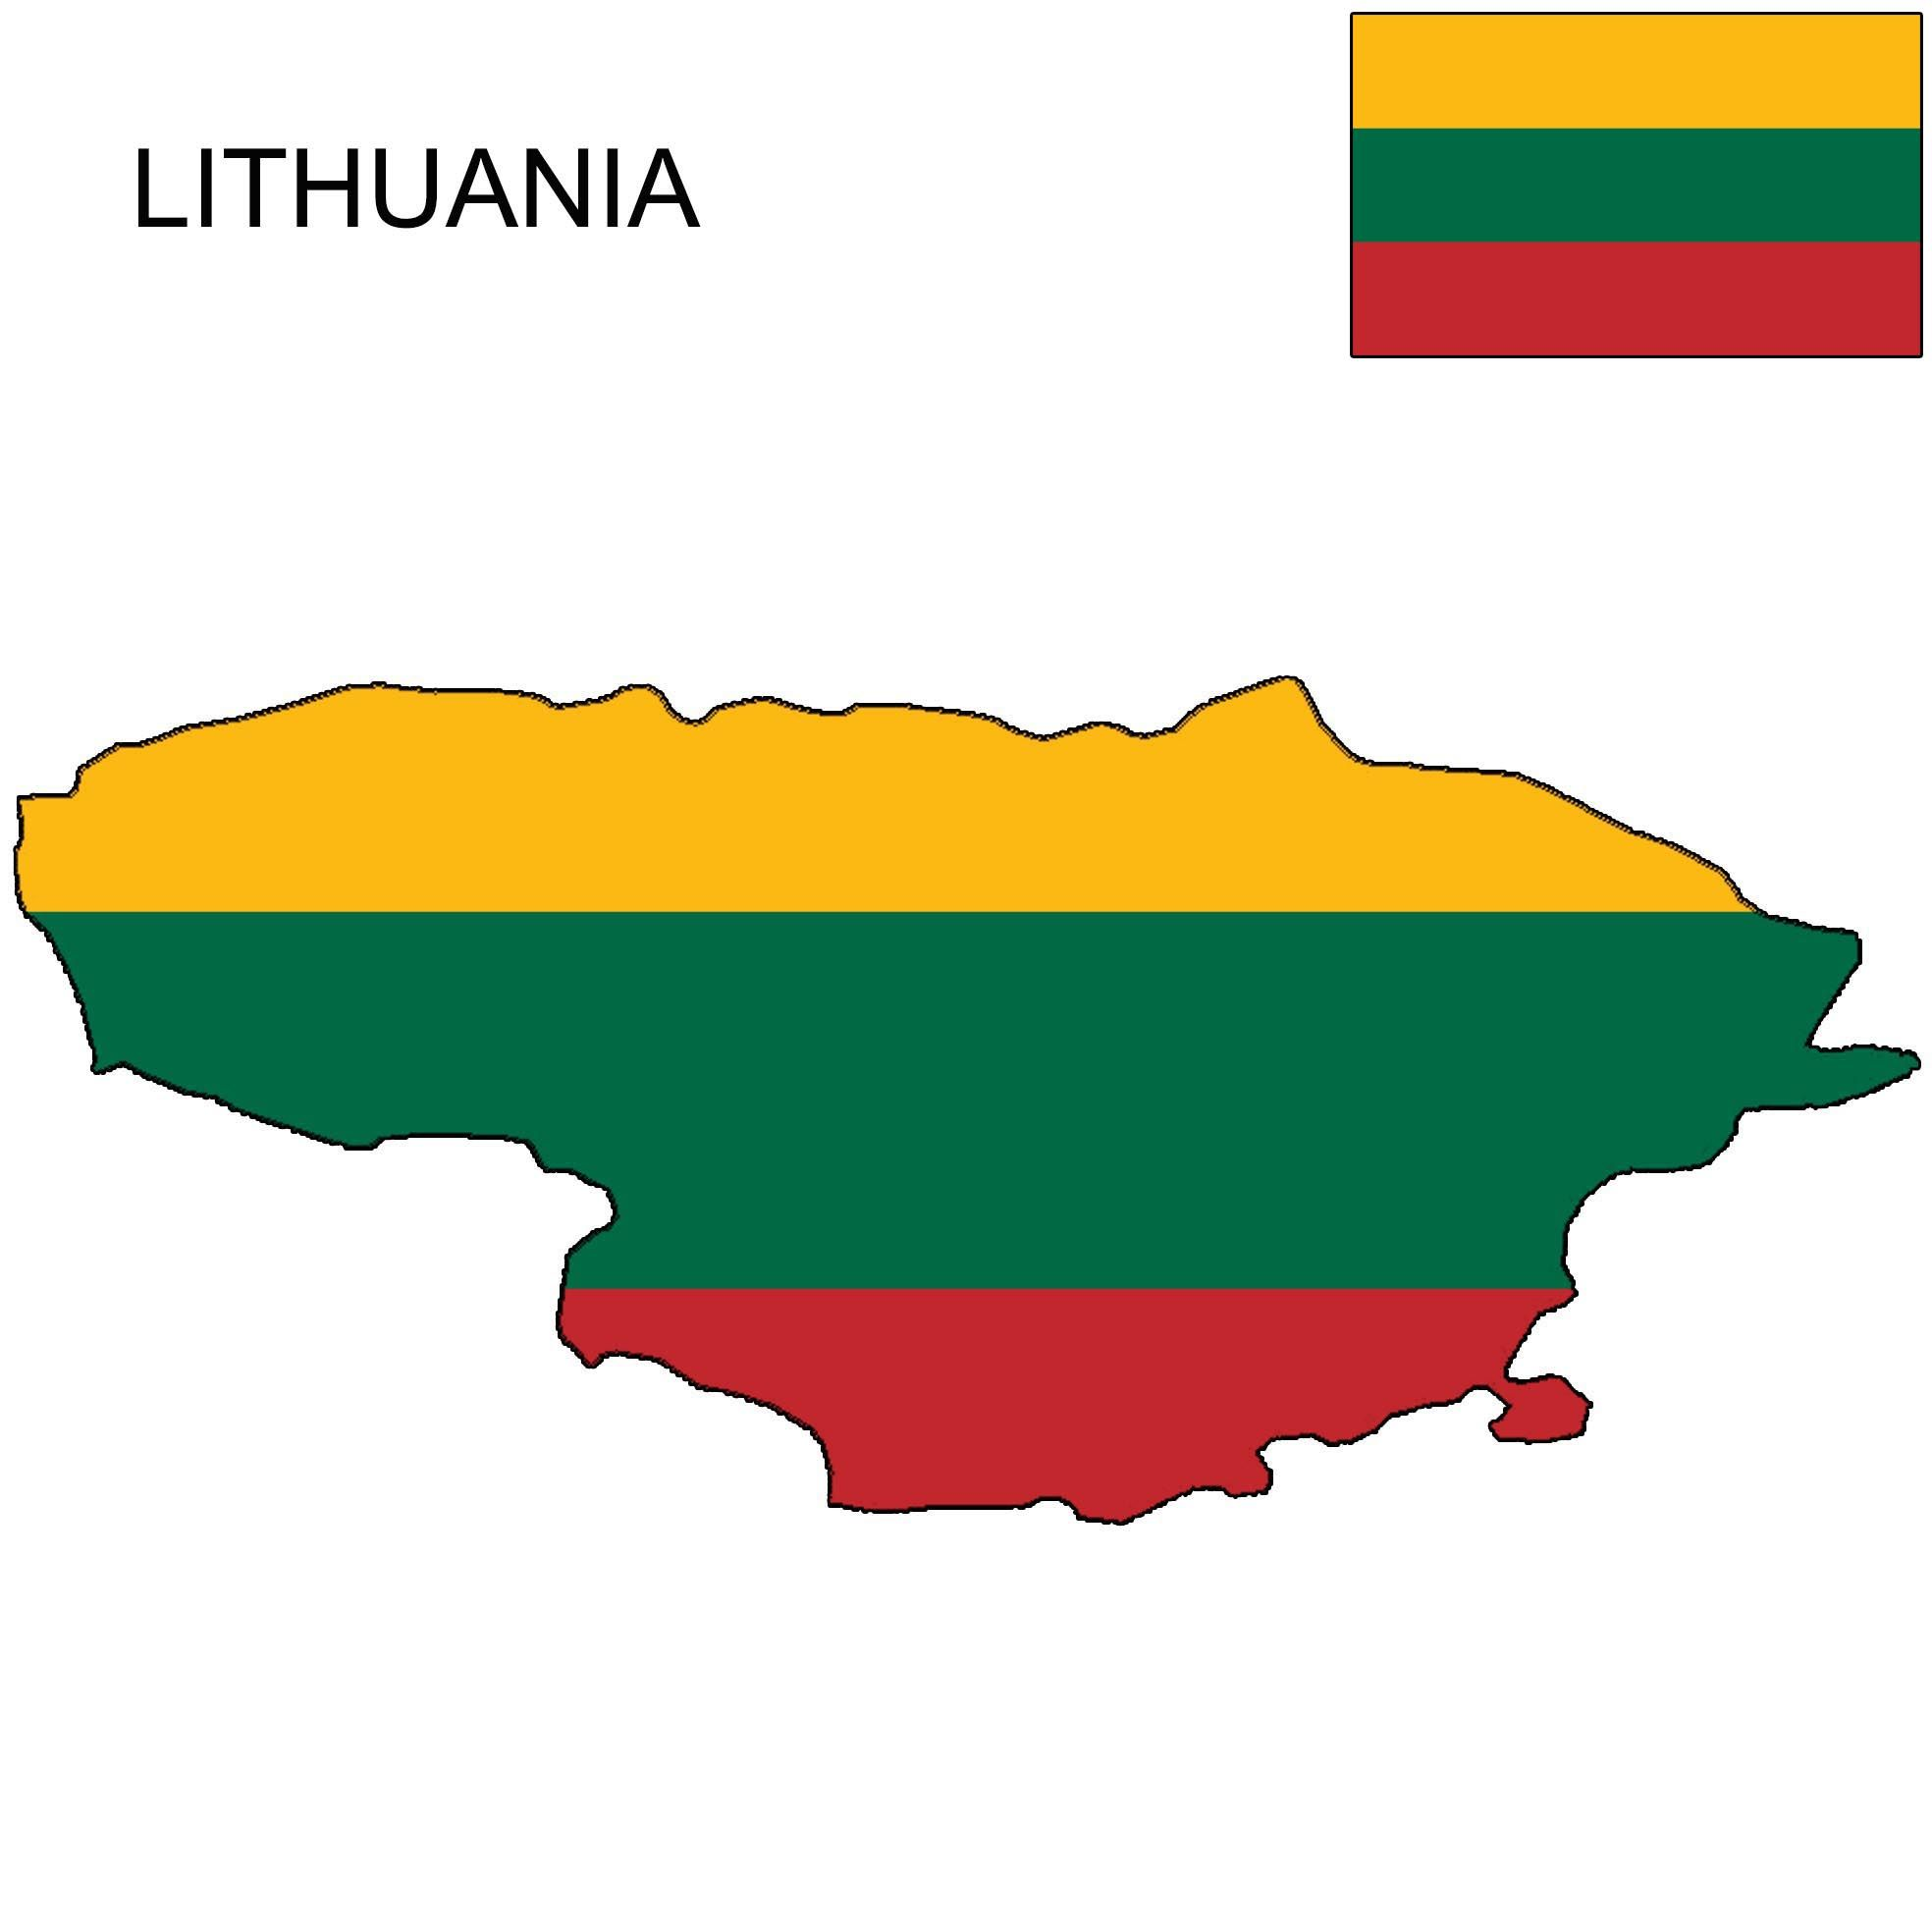 Lithuania Flag Map Lithuania Flag Emoji Lithuania Flag Symbol Lithuania Flag Colors Lithuania Flag Meaning Lithuania Flag Flag Drawing Lithuania Flag Flag